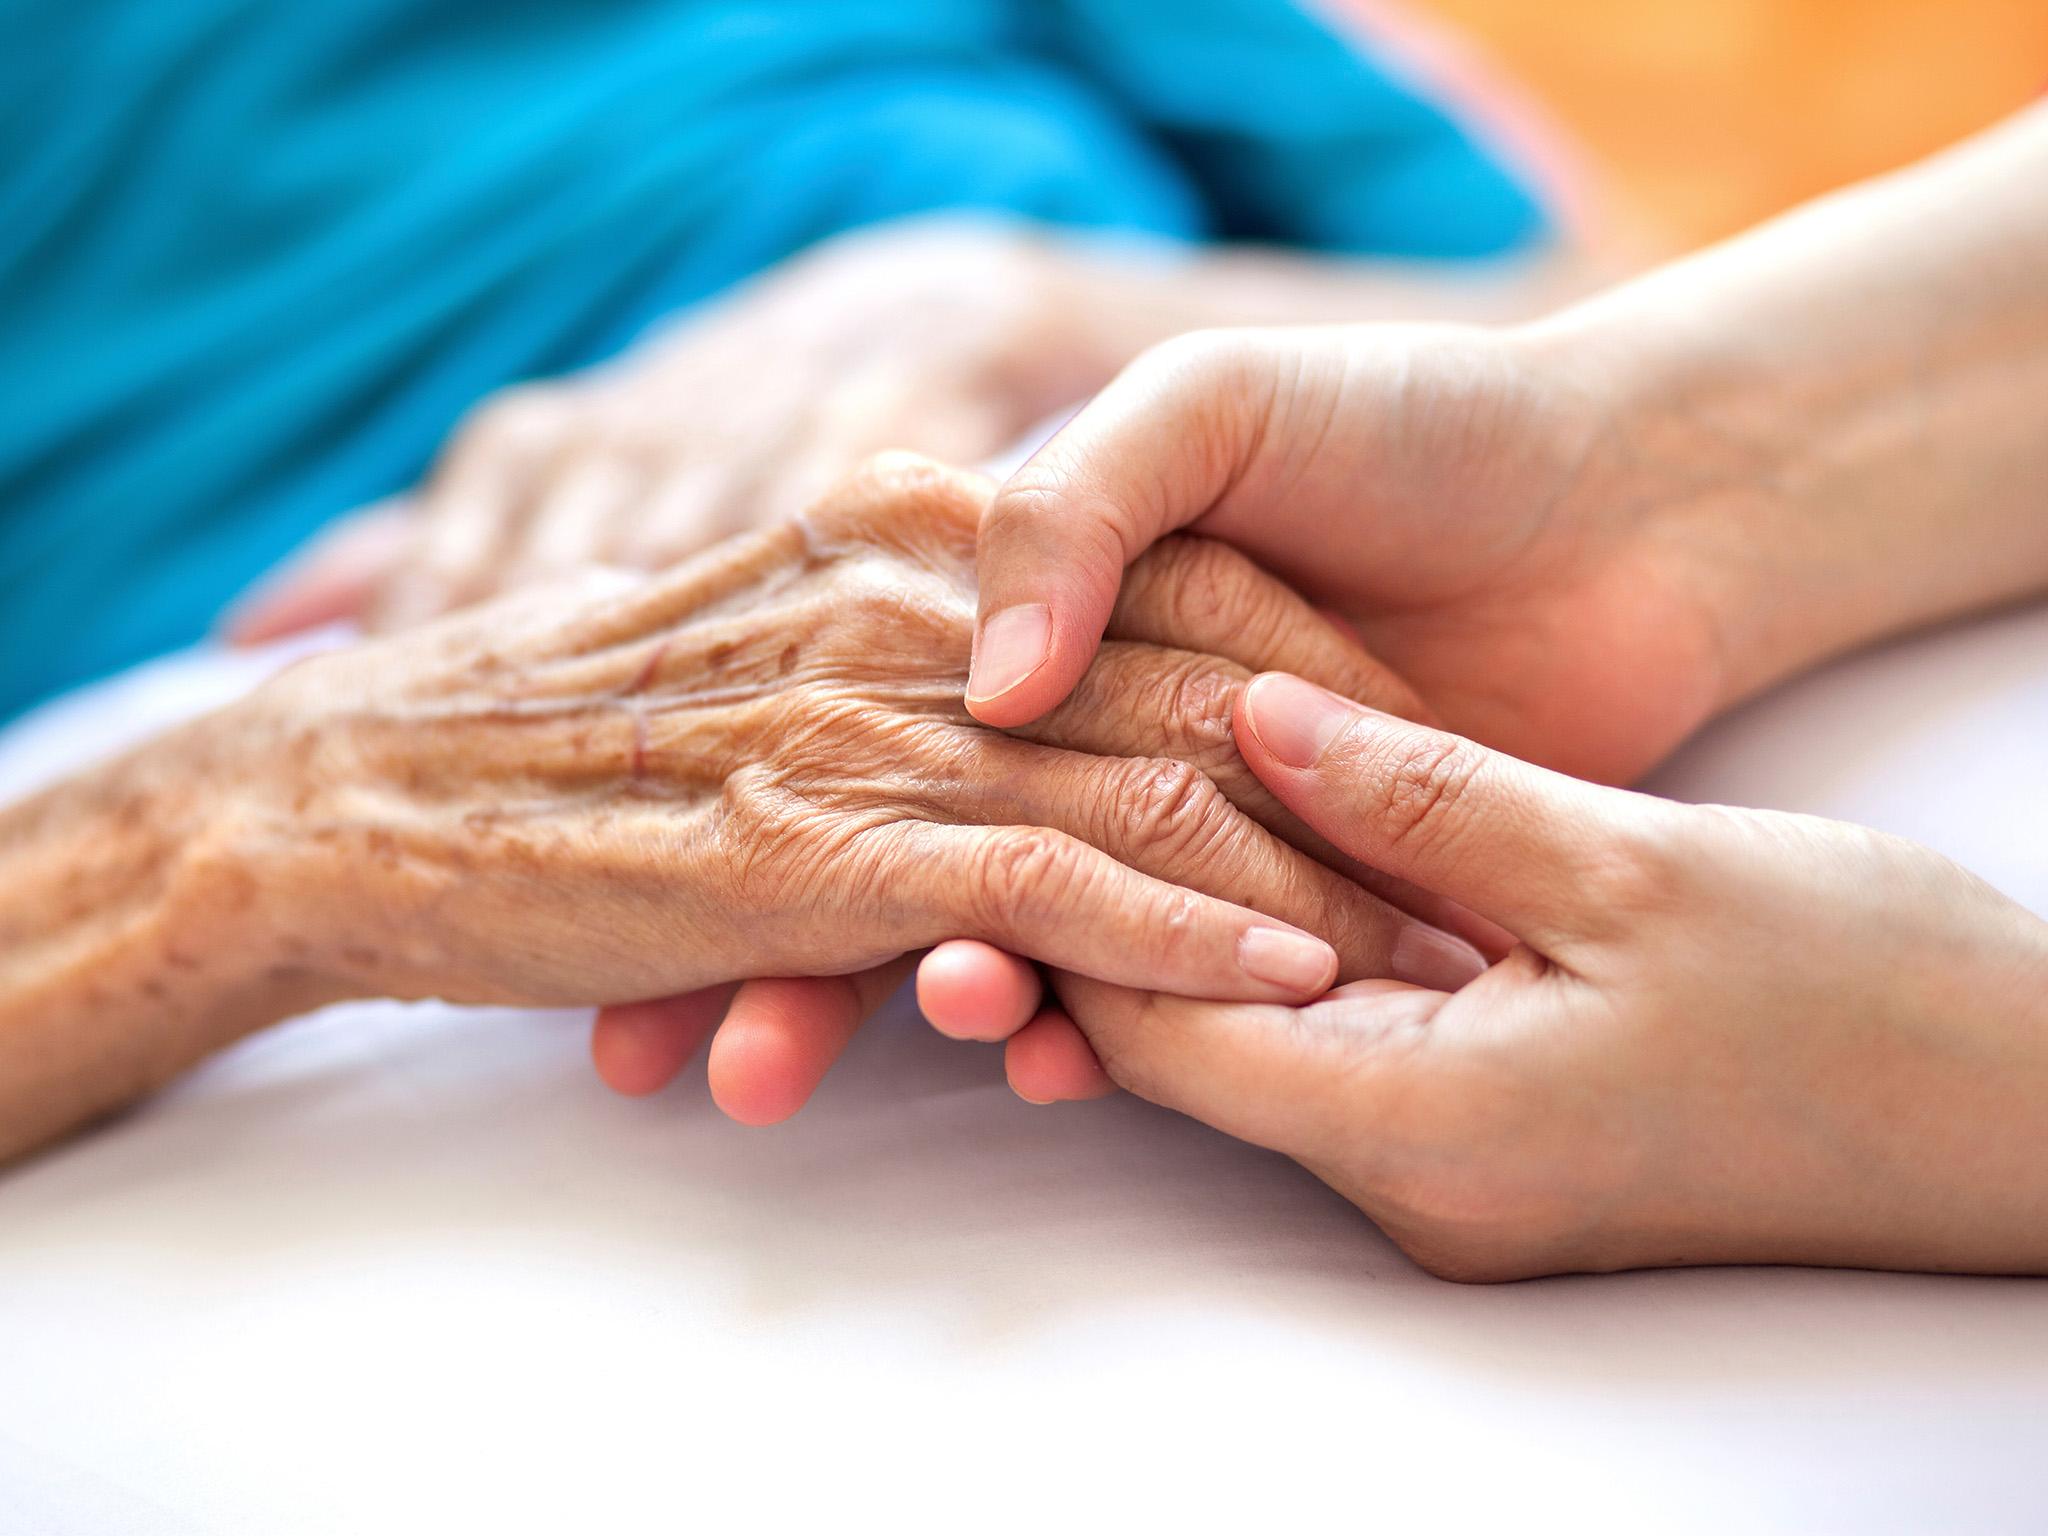 Zwei Hände eines jungen Menschen halten die Hand einer älteren Person